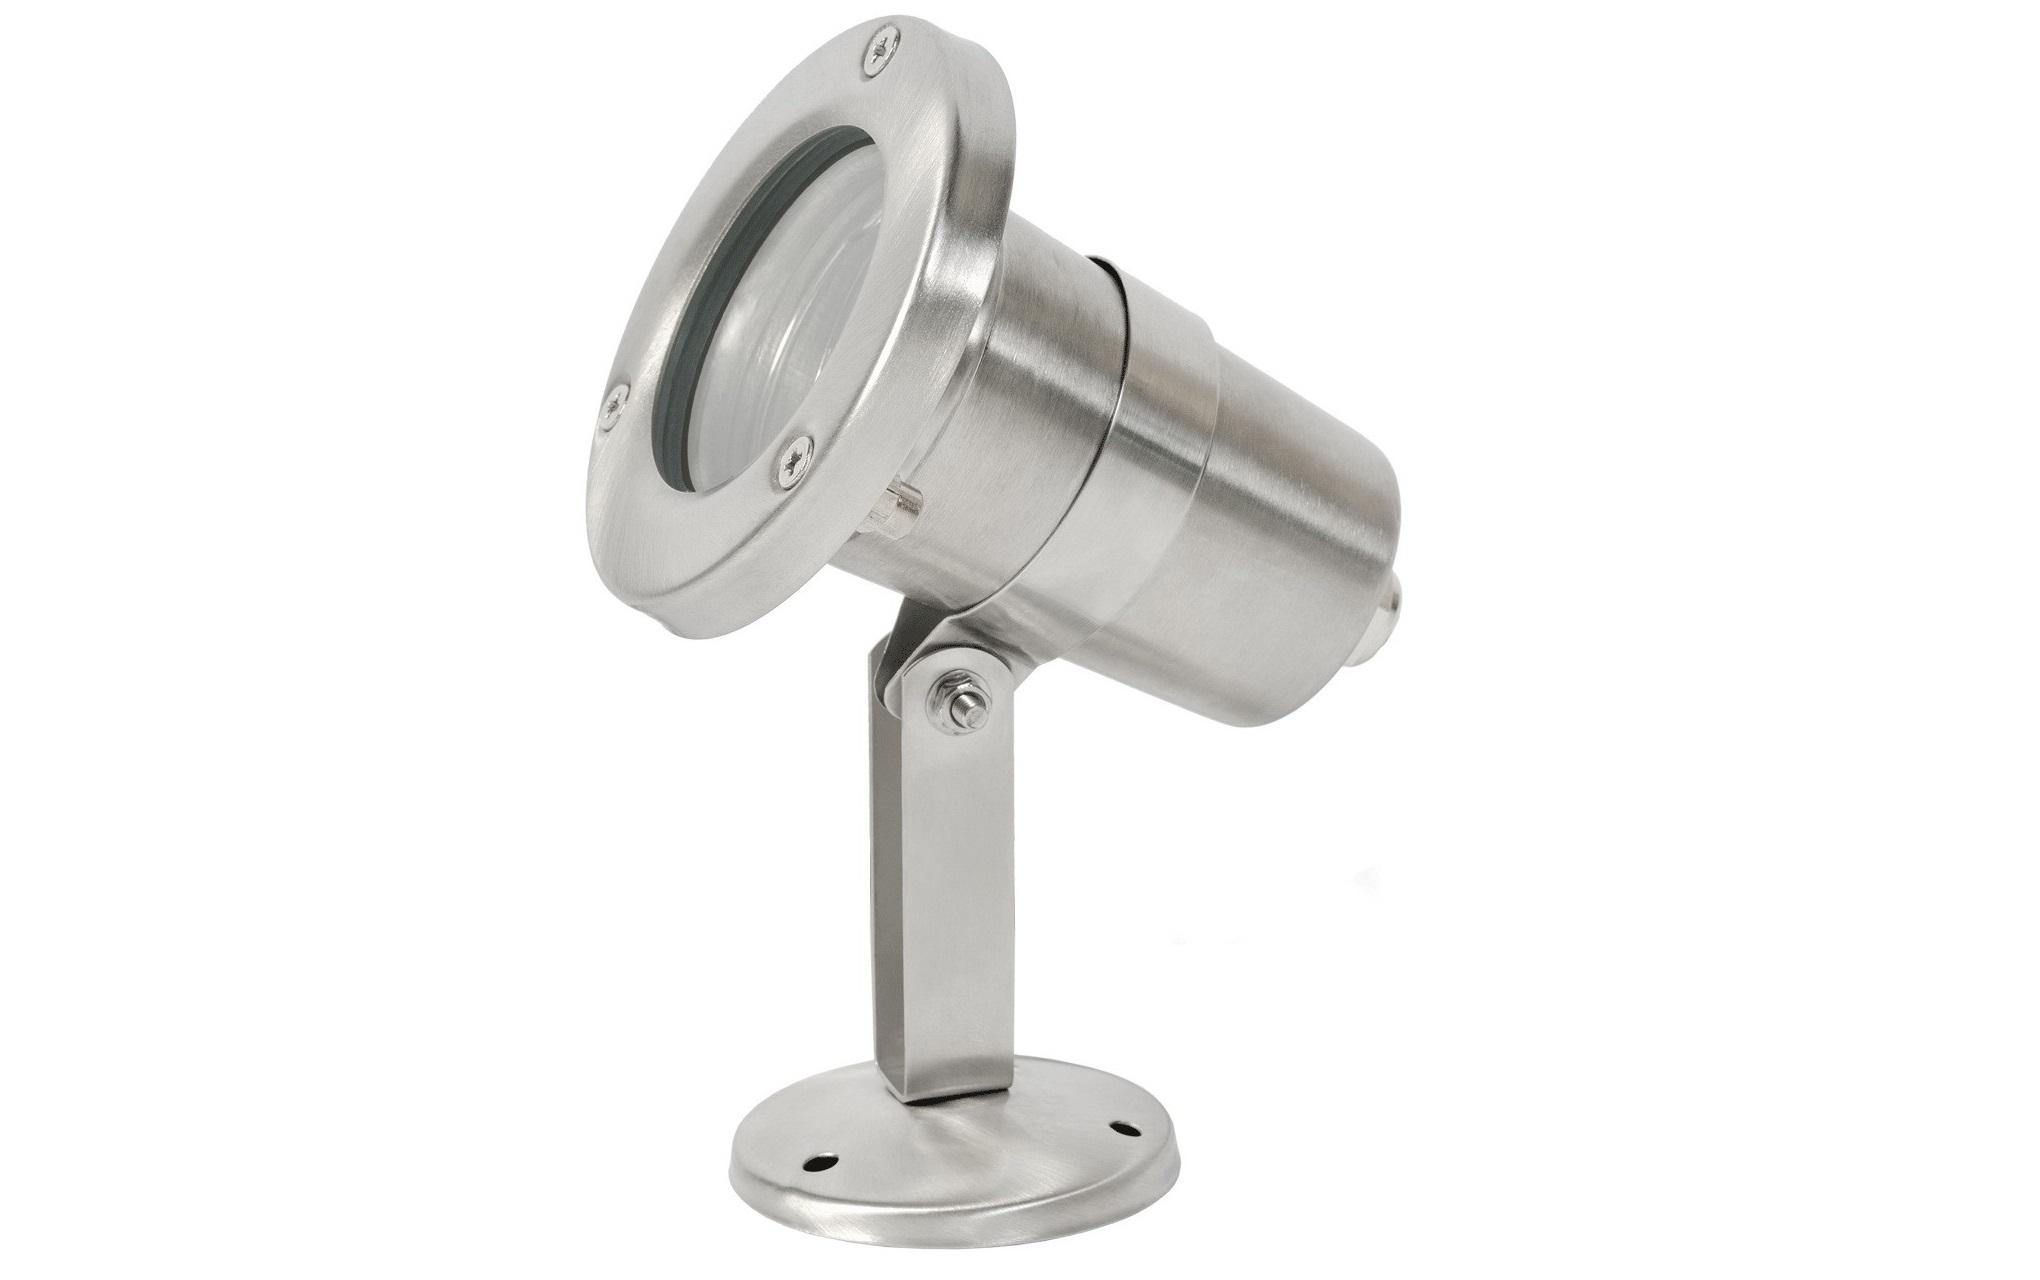 Уличный светильник МеркурийУличные наземные светильники<br>&amp;lt;div&amp;gt;Основание &amp;amp;nbsp;из стали, плафоны из &amp;amp;nbsp;стекла.&amp;lt;/div&amp;gt;&amp;lt;div&amp;gt;&amp;lt;br&amp;gt;&amp;lt;/div&amp;gt;&amp;lt;div&amp;gt;&amp;lt;div&amp;gt;Количество ламп: 1 шт&amp;lt;/div&amp;gt;&amp;lt;div&amp;gt;Мощность лампы: 21 W&amp;lt;/div&amp;gt;&amp;lt;div&amp;gt;Тип лампы: LED&amp;lt;/div&amp;gt;&amp;lt;/div&amp;gt;&amp;lt;div&amp;gt;Цоколь MR16&amp;lt;/div&amp;gt;&amp;lt;div&amp;gt;Степень защиты светильников от пыли и влаги IP65&amp;lt;/div&amp;gt;<br><br>Material: Сталь<br>Length см: 8<br>Width см: 11<br>Height см: 12